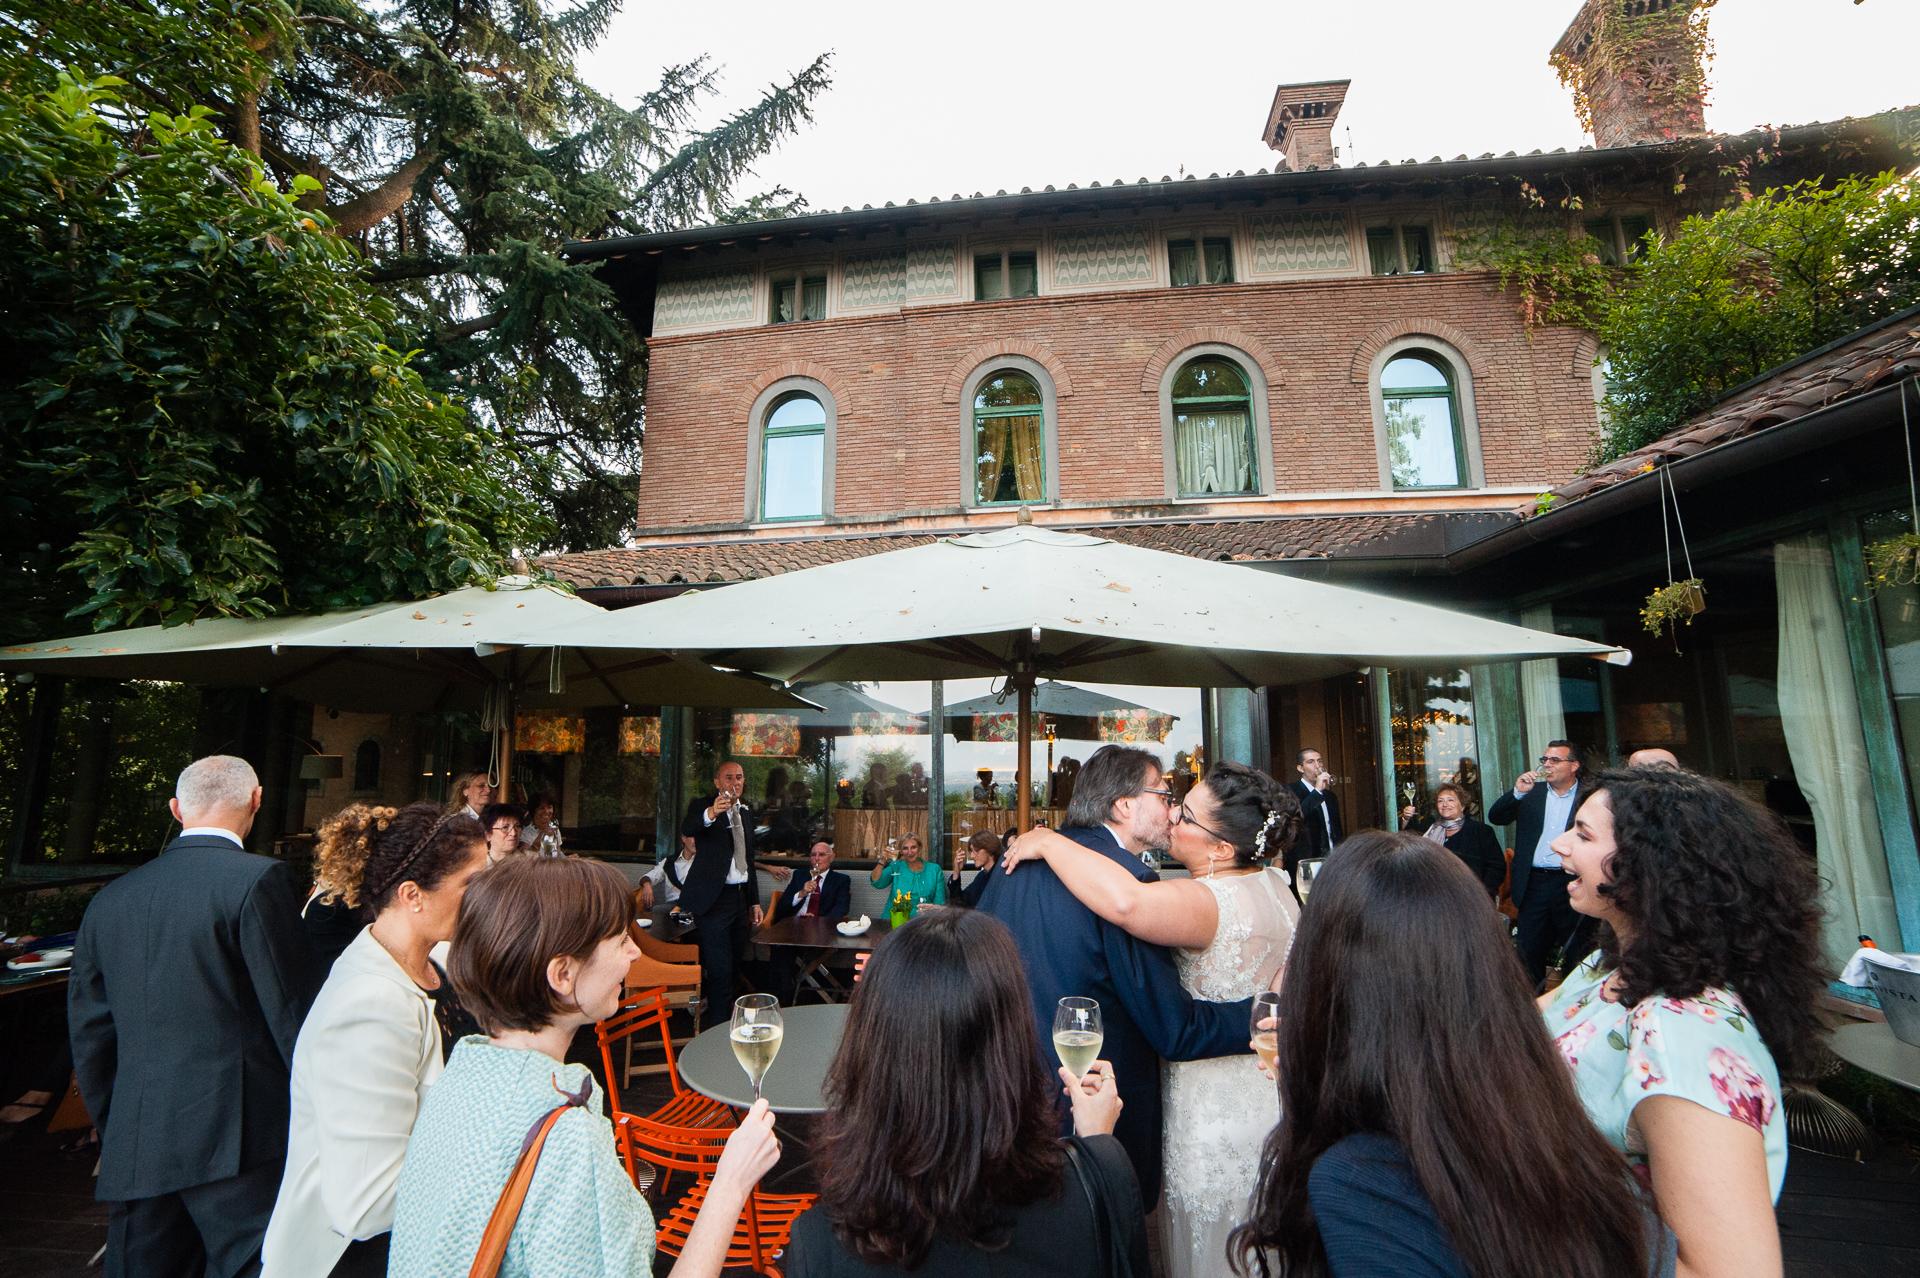 Erbusco, Italien Elopement Fotografie | Das Brautpaar stößt zusammen mit den wenigen Gästen zum Abendessen und den Gästen der Hotelbar an.